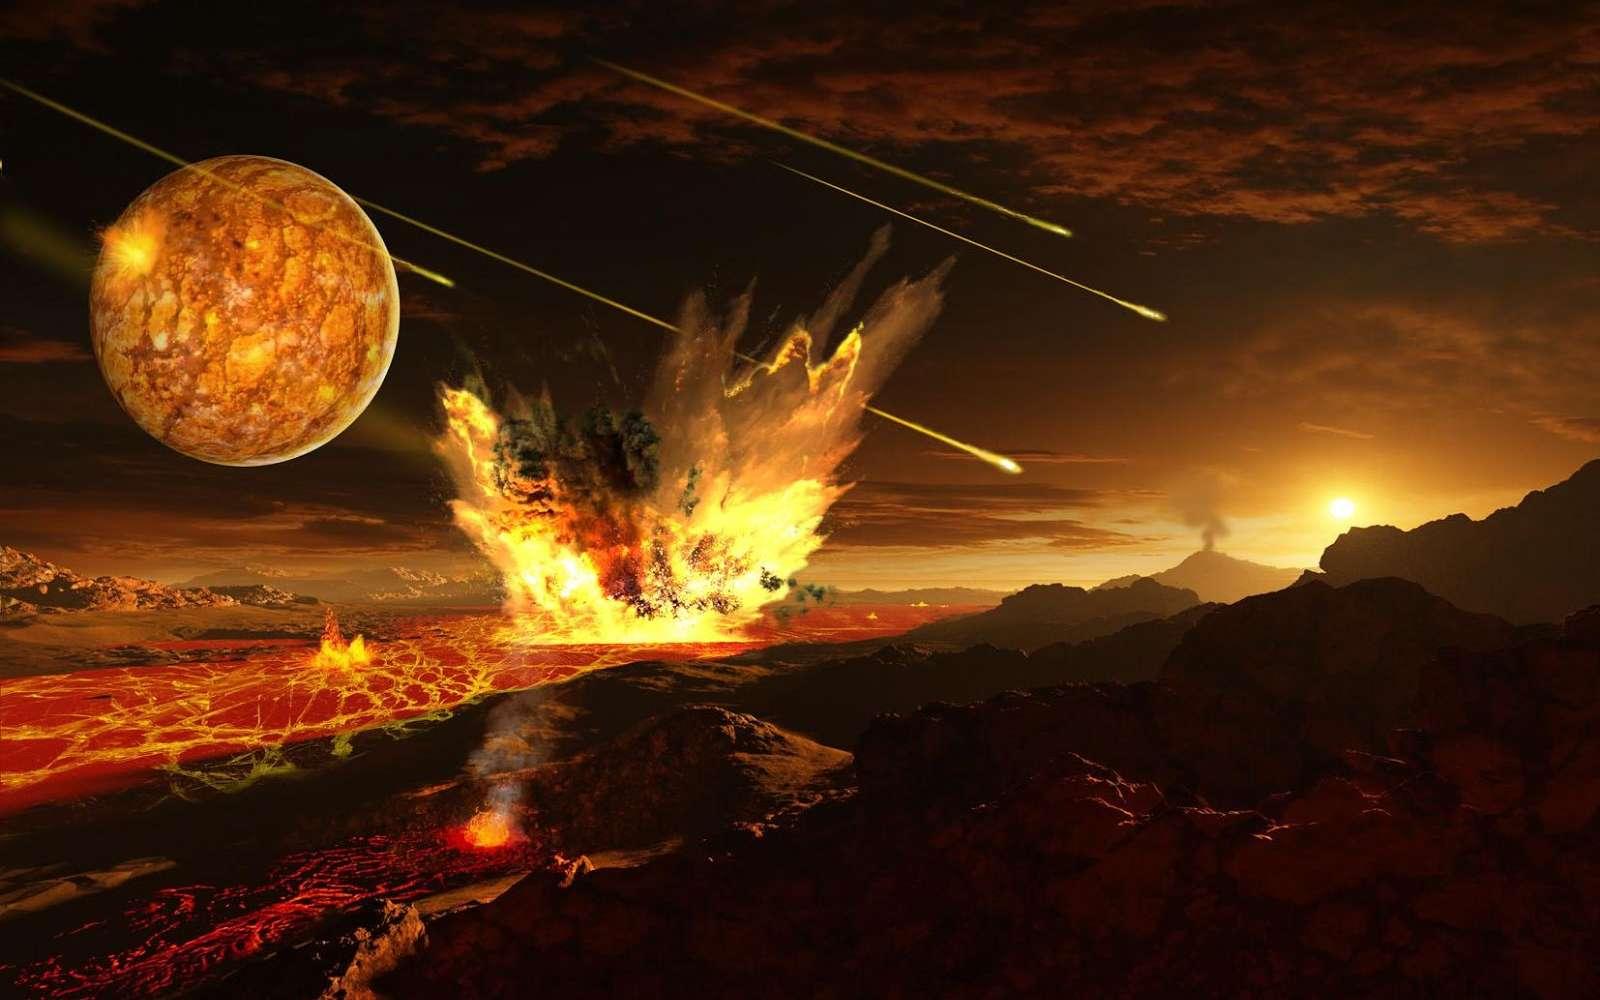 La Terre primitive a été bombardée de météorites. Hormis la Lune, représentée à gauche dans le ciel, un corps riche en soufre semblable à Mercure a pu être englouti par la Terre, selon une récente étude publiée dans Nature. © Ron Miller via International space art network